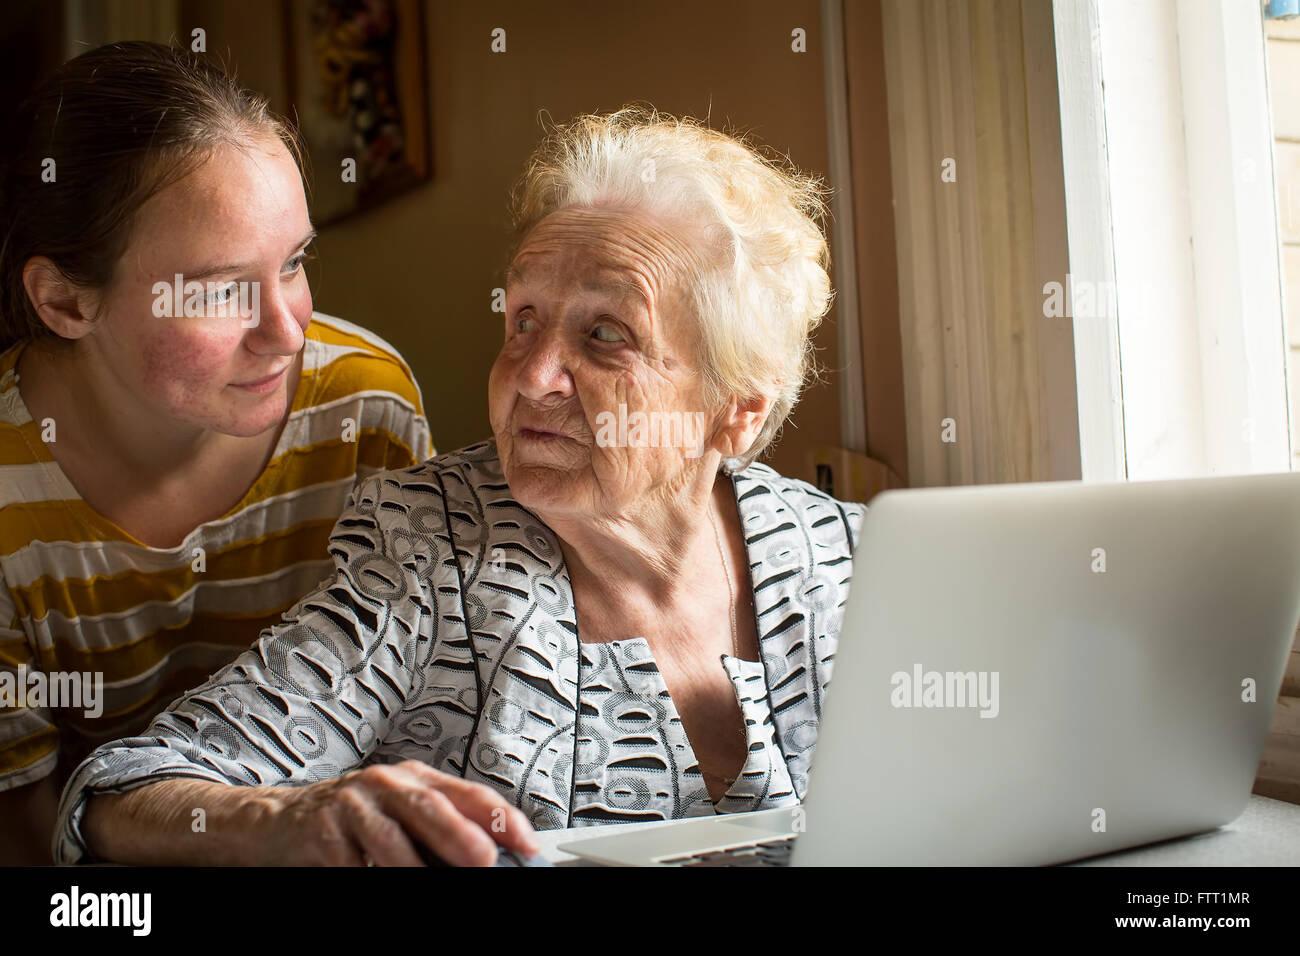 Ragazza giovane insegna la nonna di utilizzare un computer. Immagini Stock